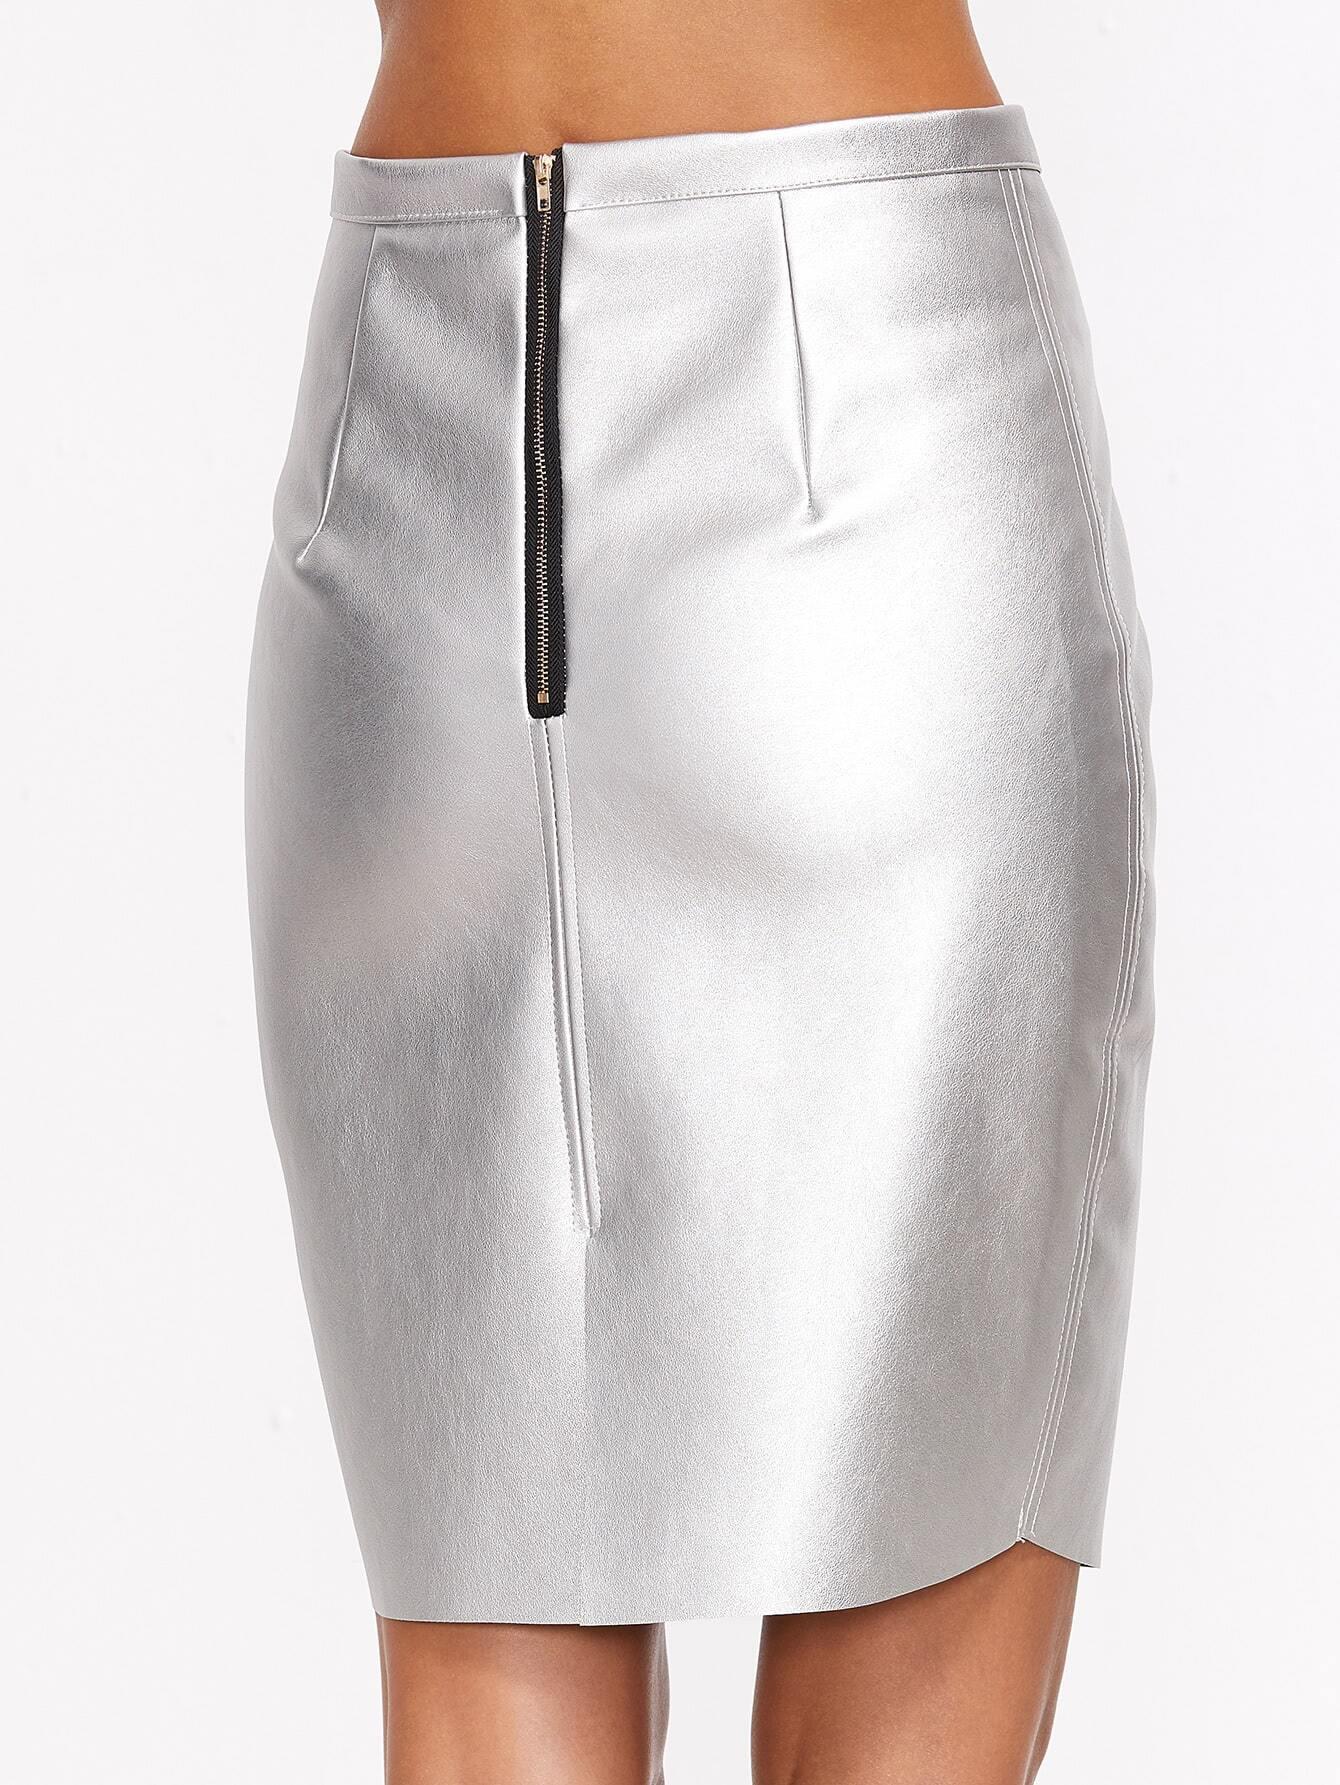 skirt161021001_2